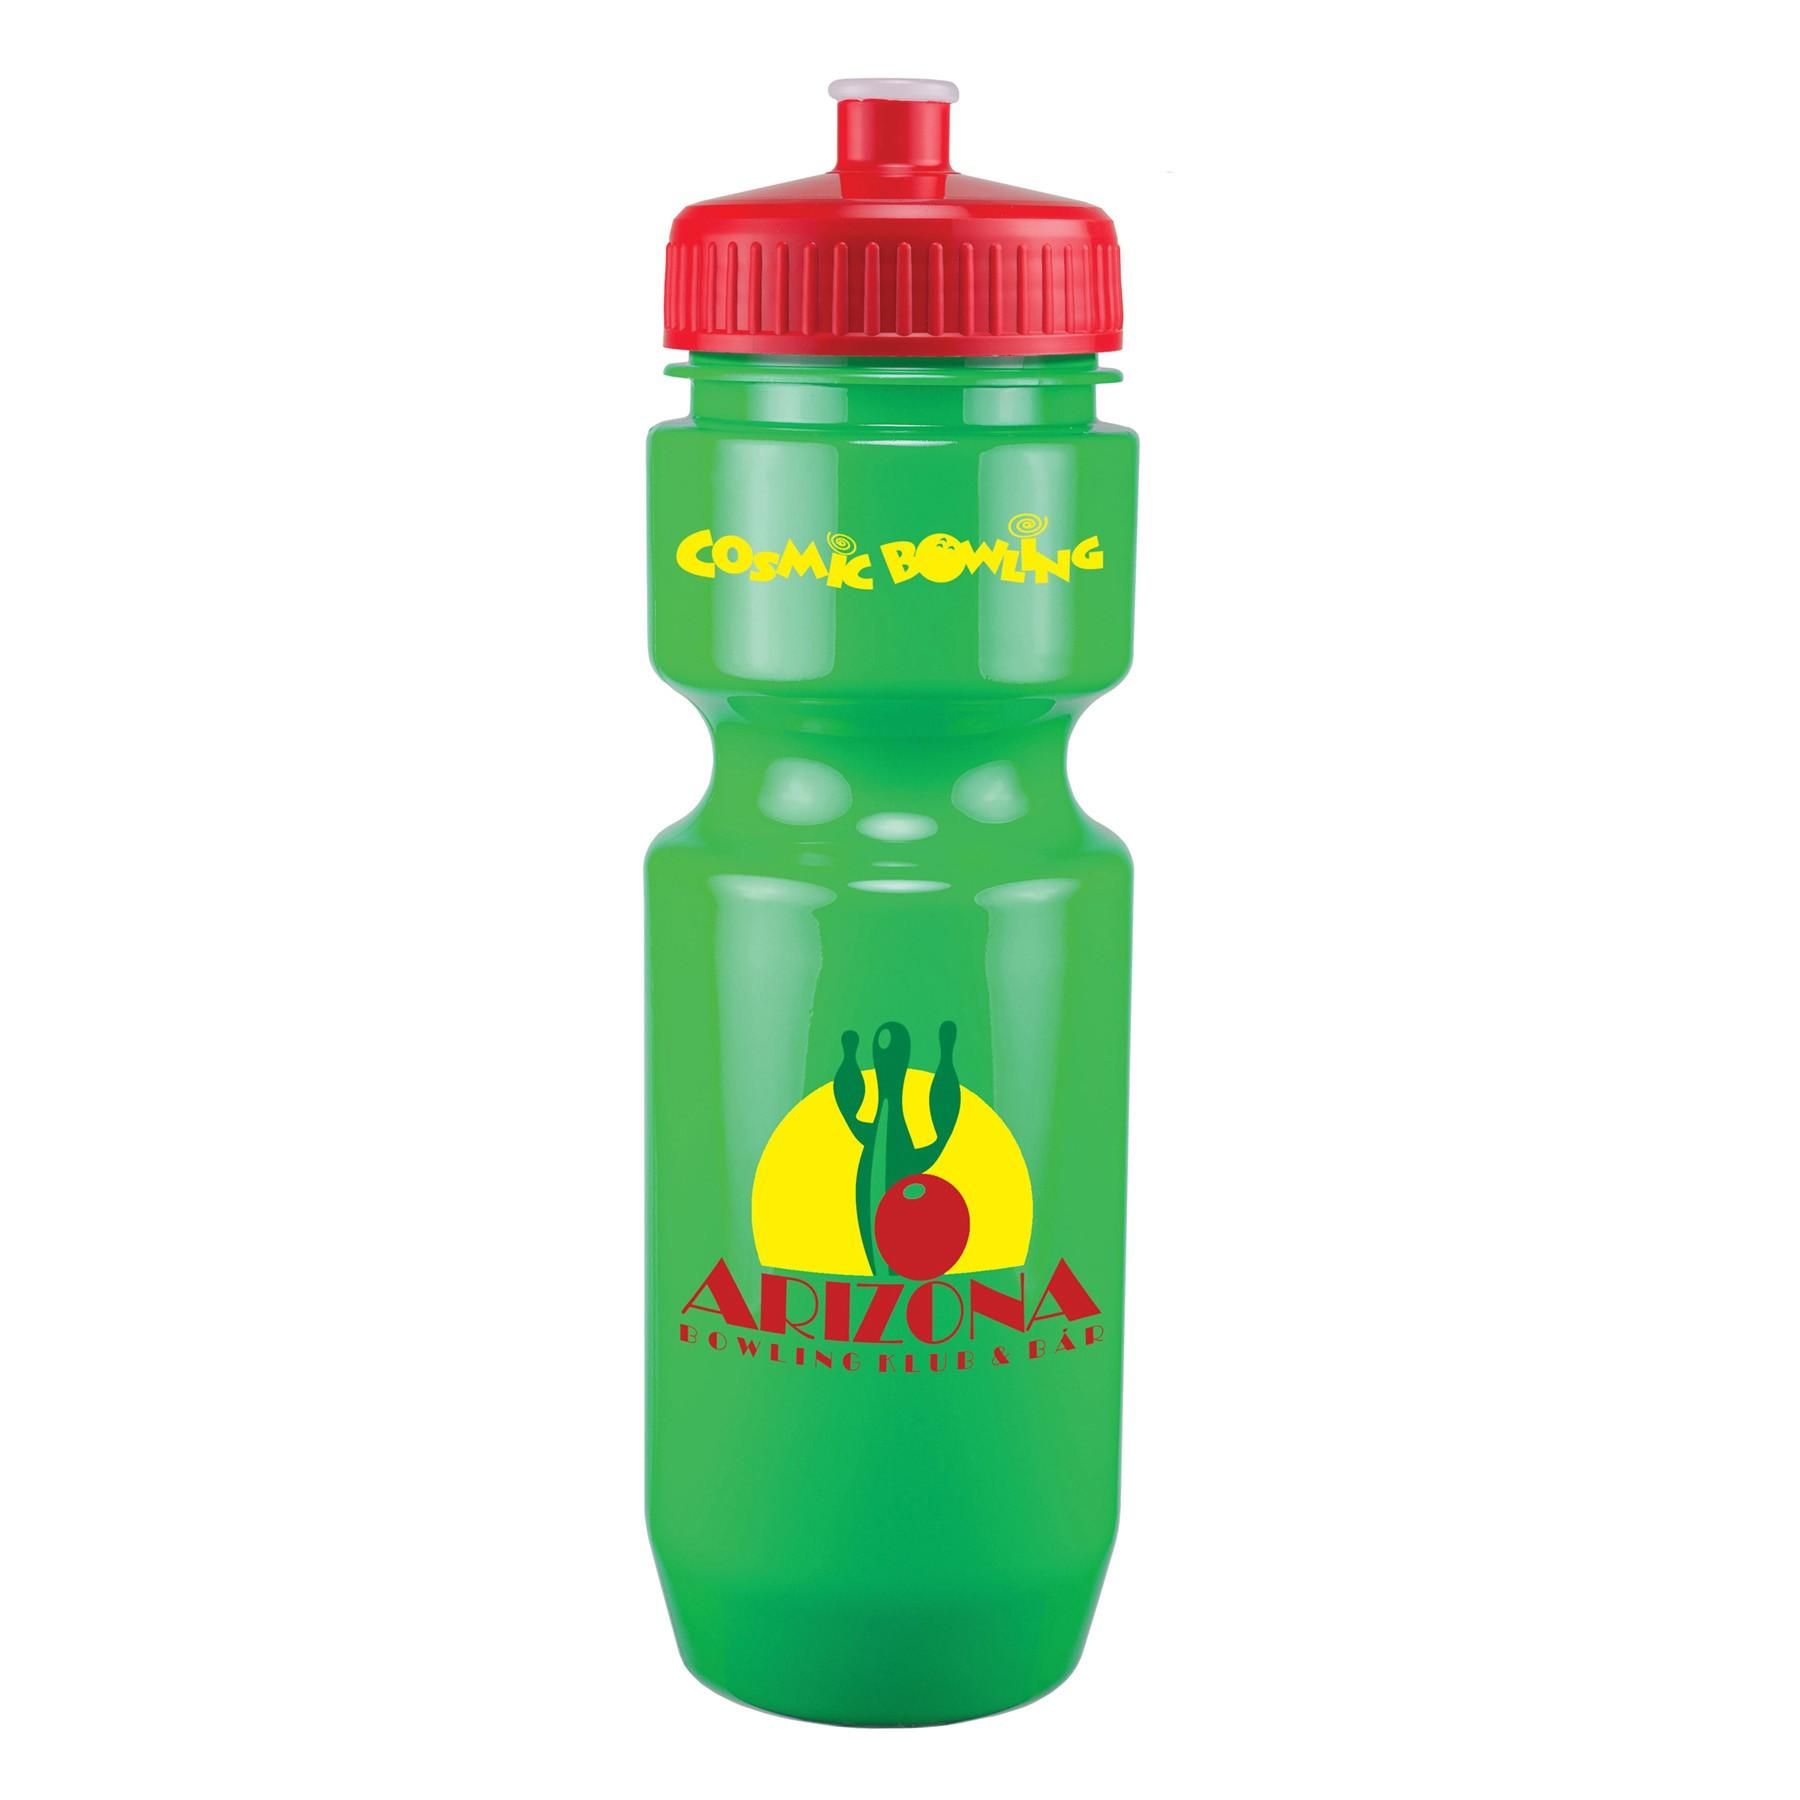 full-color-logo-sports-bike-bottle